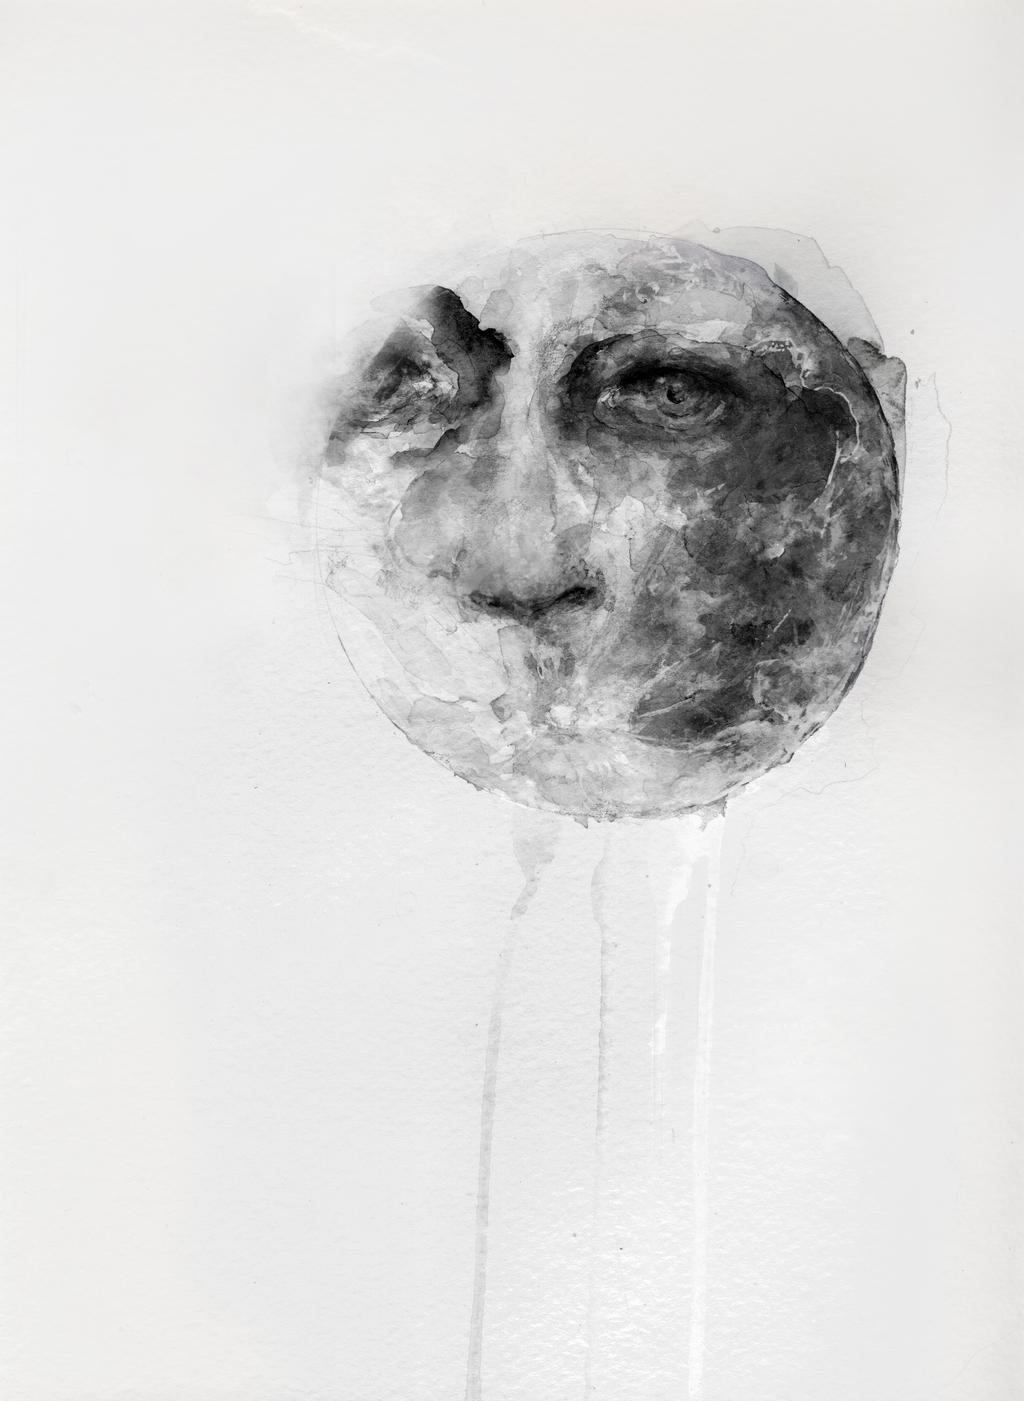 La Lune by PEHDTSCKJMBA